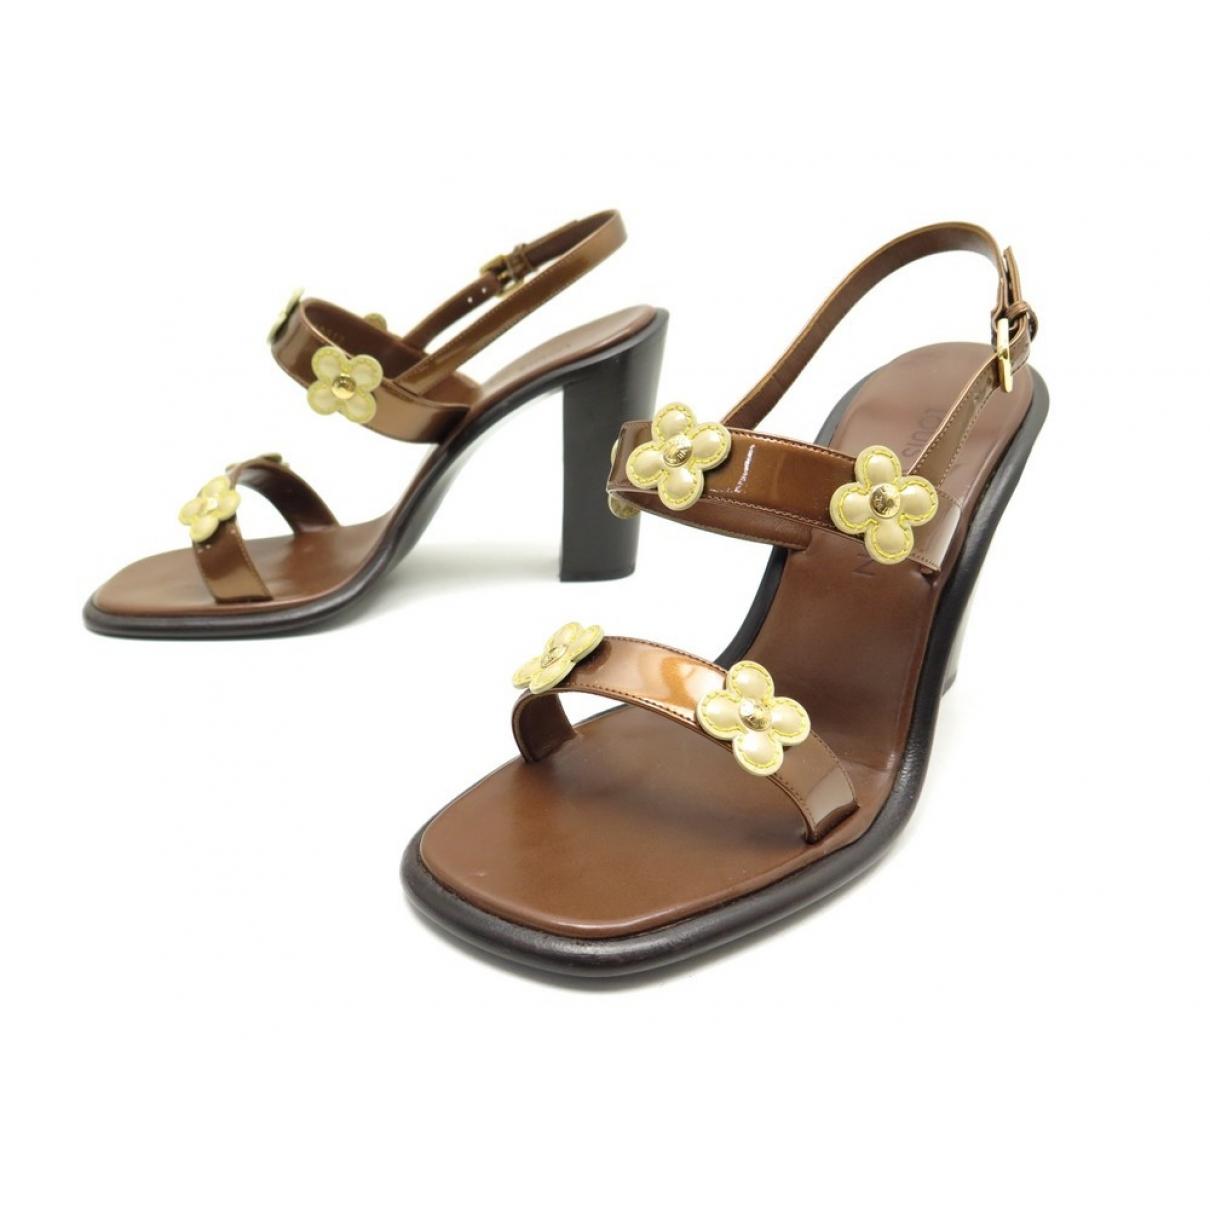 Louis Vuitton - Sandales   pour femme en cuir verni - marron